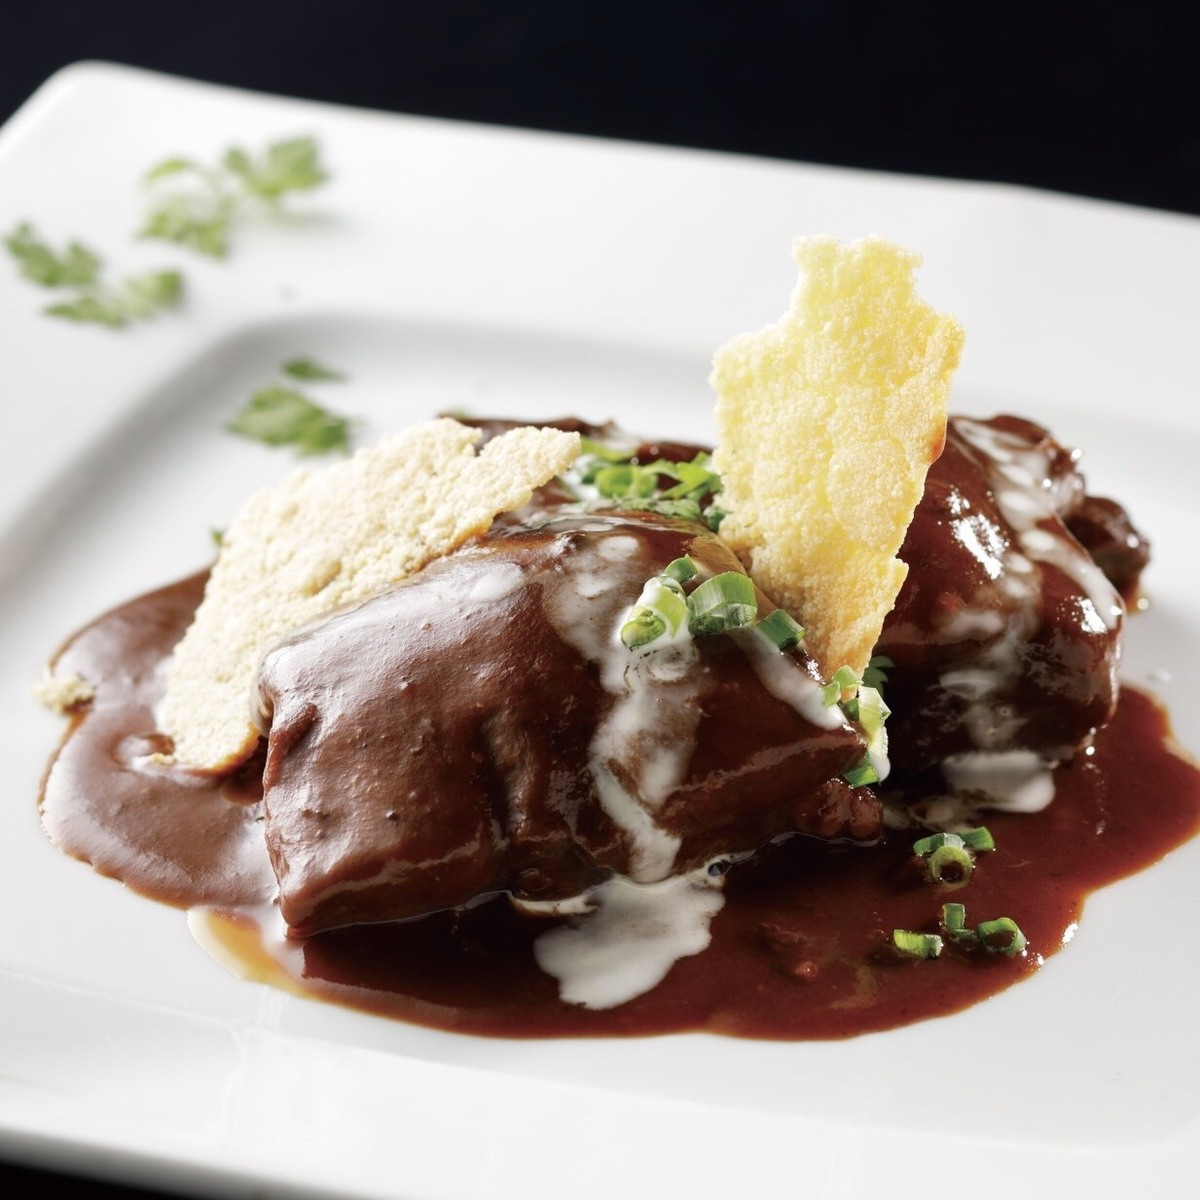 블랙 앵거스 쇠고기 조림